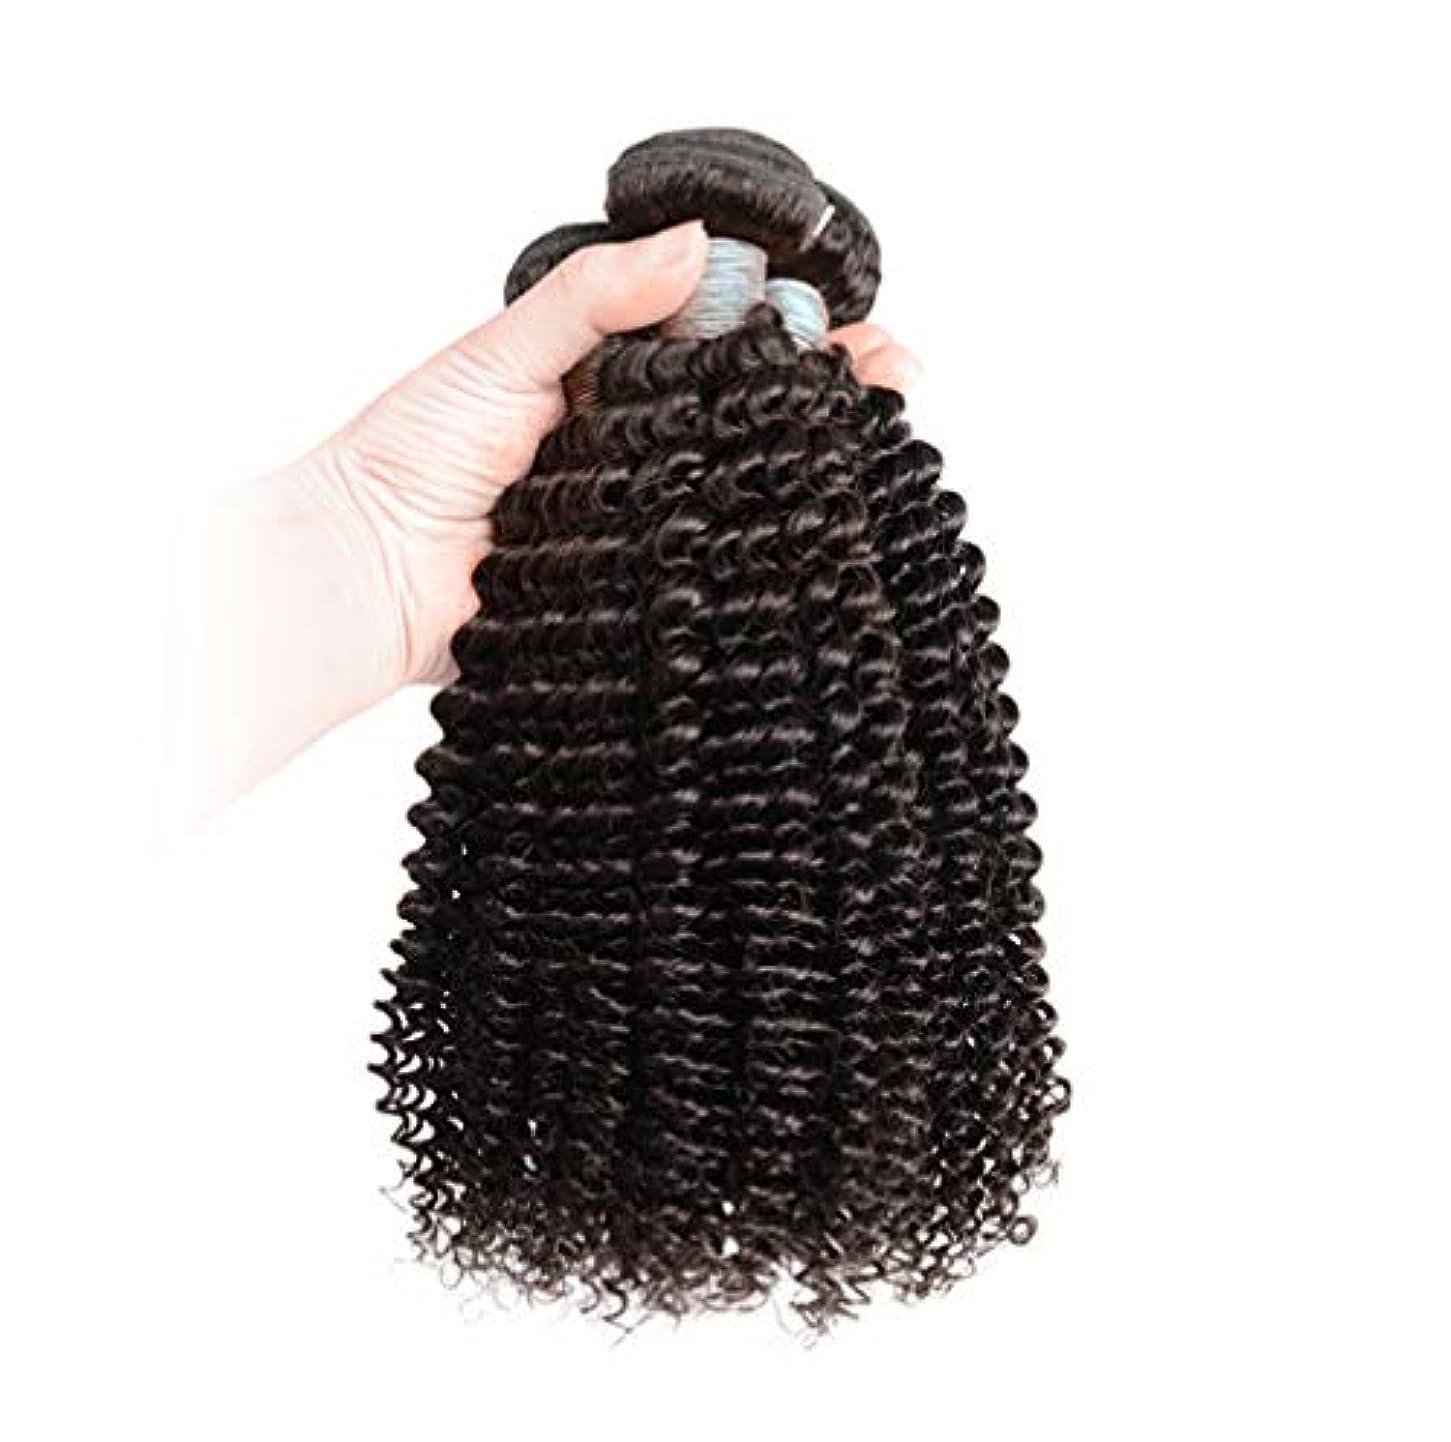 女性ブラジルボディウェーブ髪3バンドル人間の髪織り100%加工されていないブラジルのバージンの髪人間の髪の毛